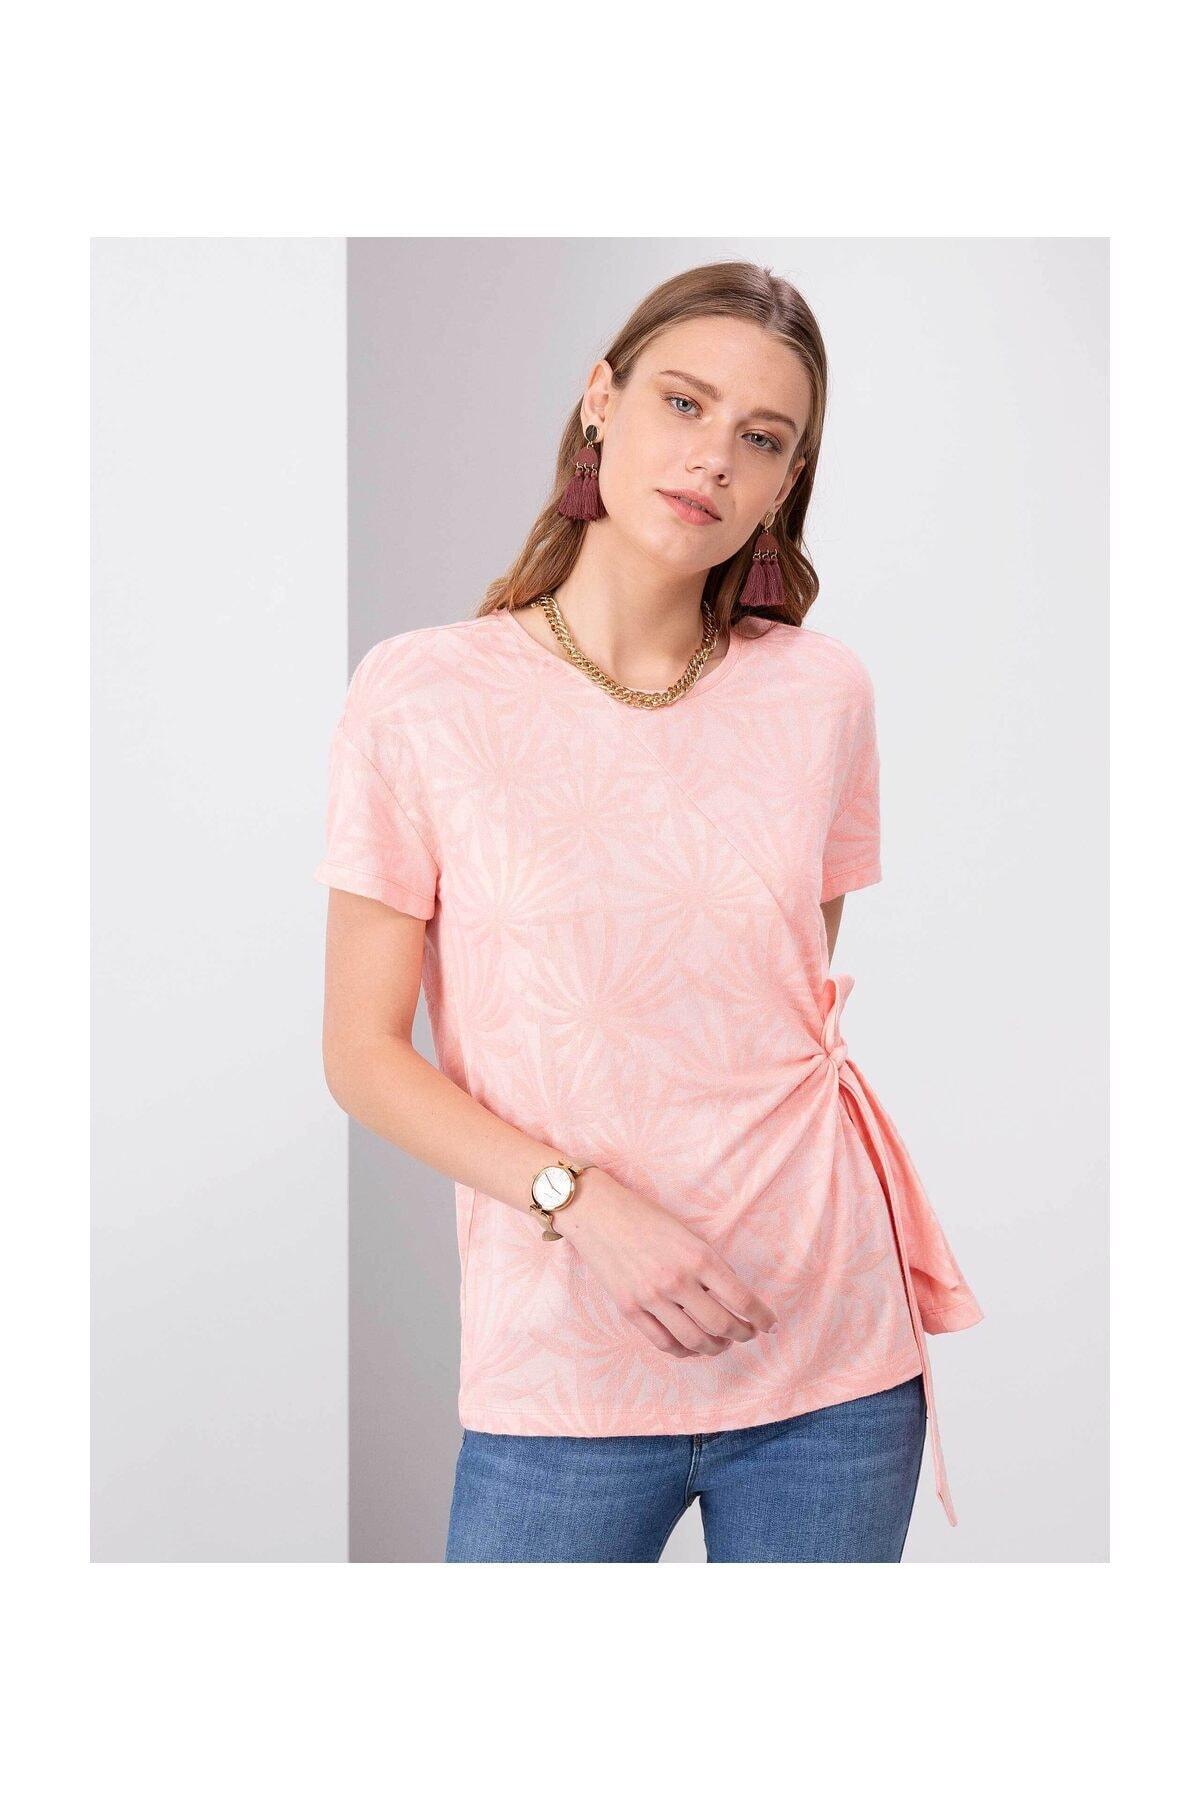 Pierre Cardin Kadın Polo Yaka T-shirt G022SZ011.000.762149 2